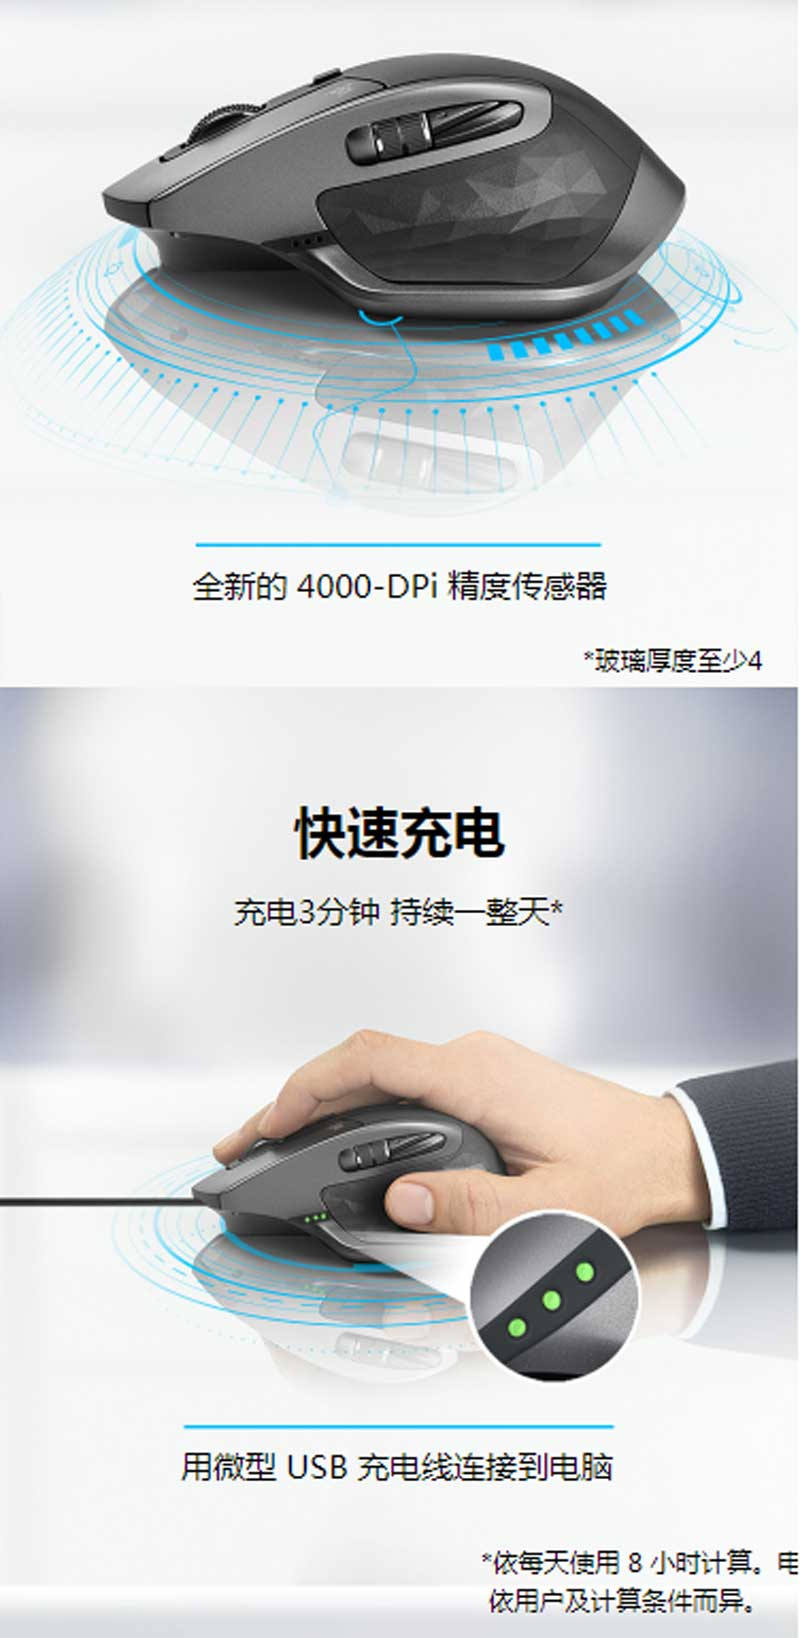 罗技(Logitech)MX Master 2S 无线鼠标 无线蓝牙优联双模跨计算机控制鼠标 儒雅黑